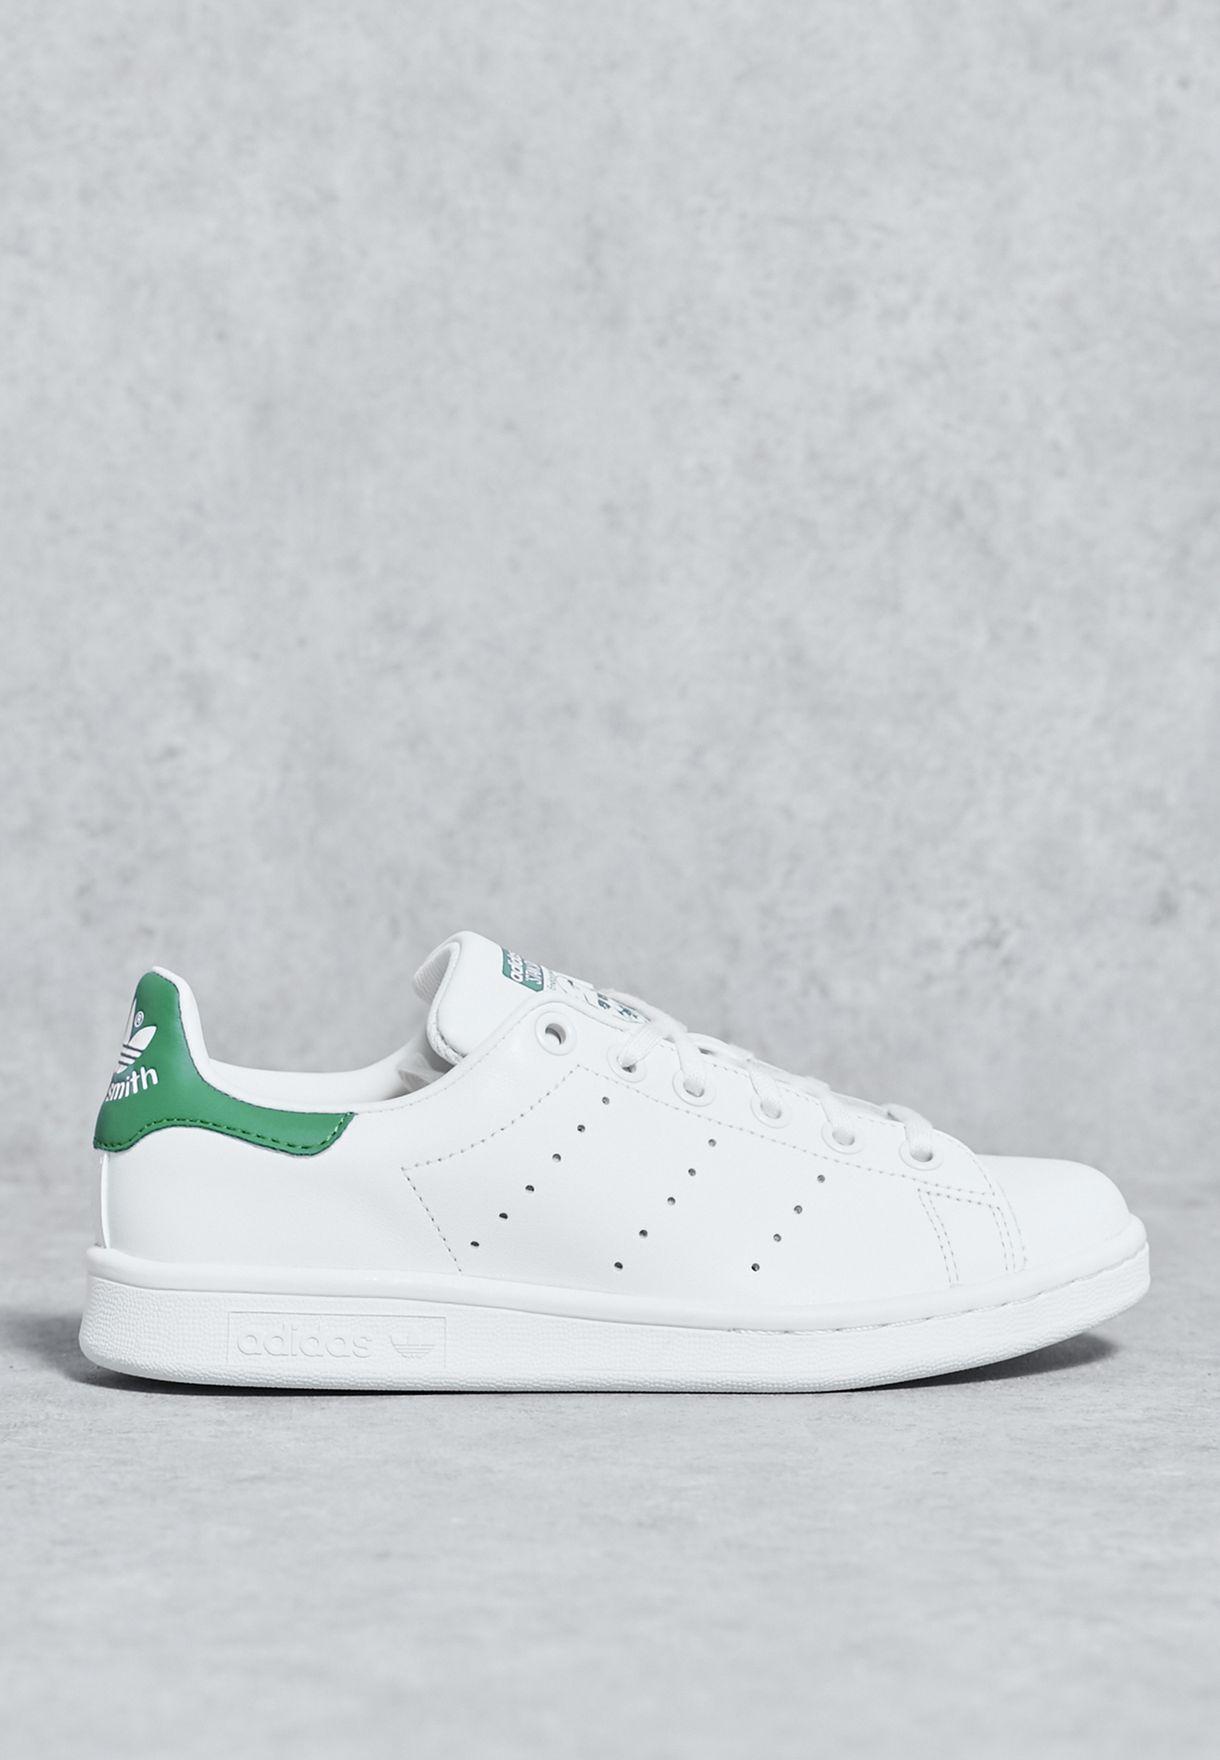 46b0b5d51 تسوق حذاء Stan Smith ماركة اديداس اورجينال لون أبيض M20605 في ...